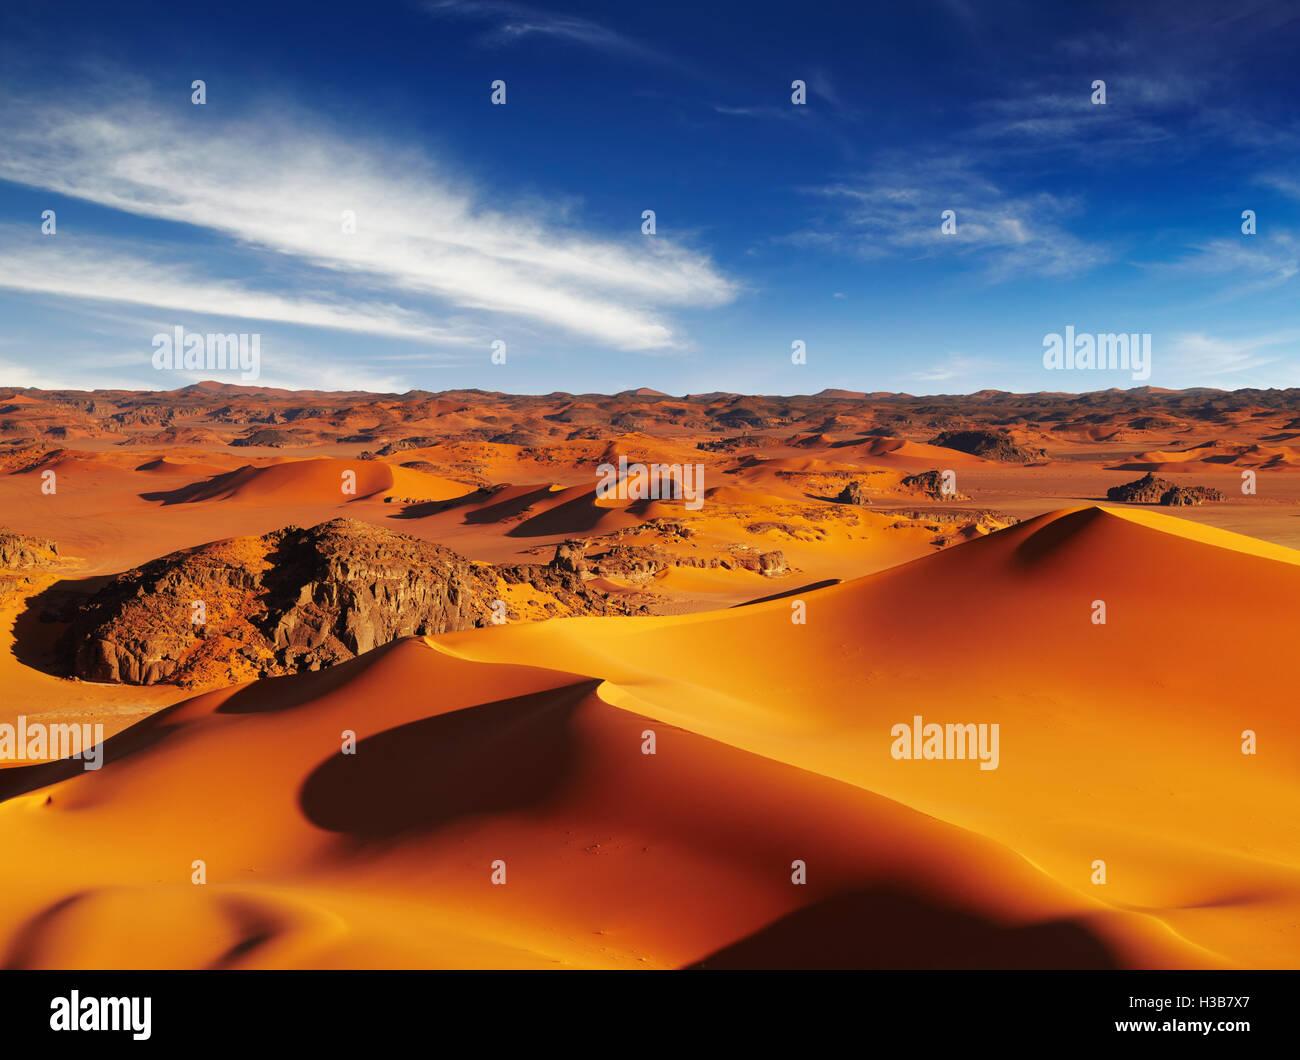 Le dune di sabbia del deserto del Sahara, Tadrart, Algeria Immagini Stock